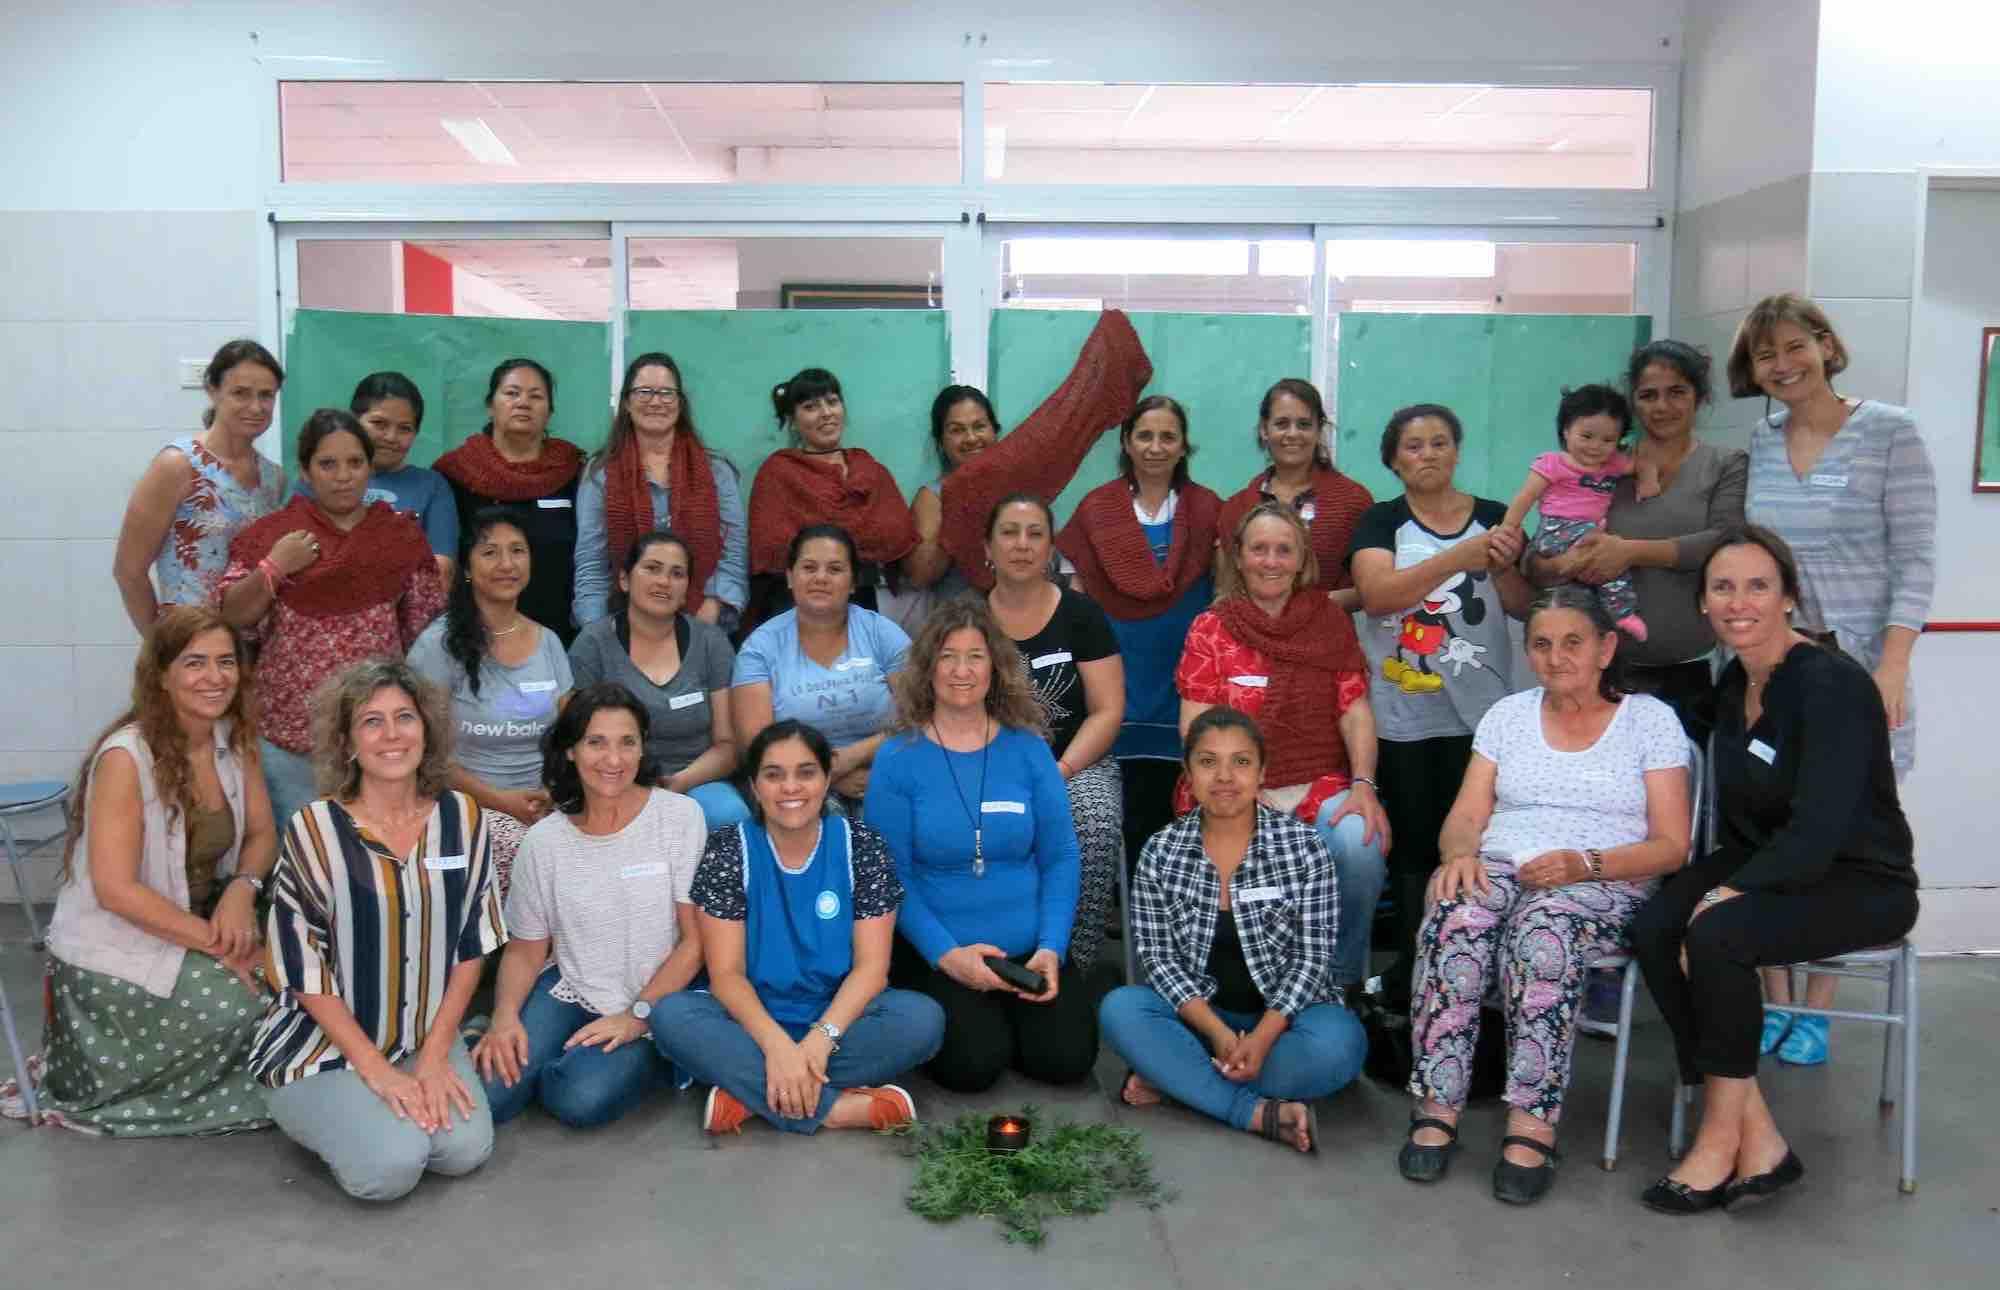 """Tejedoras del """"Colegio Madre Teresa"""", Virreyes, Argentina"""